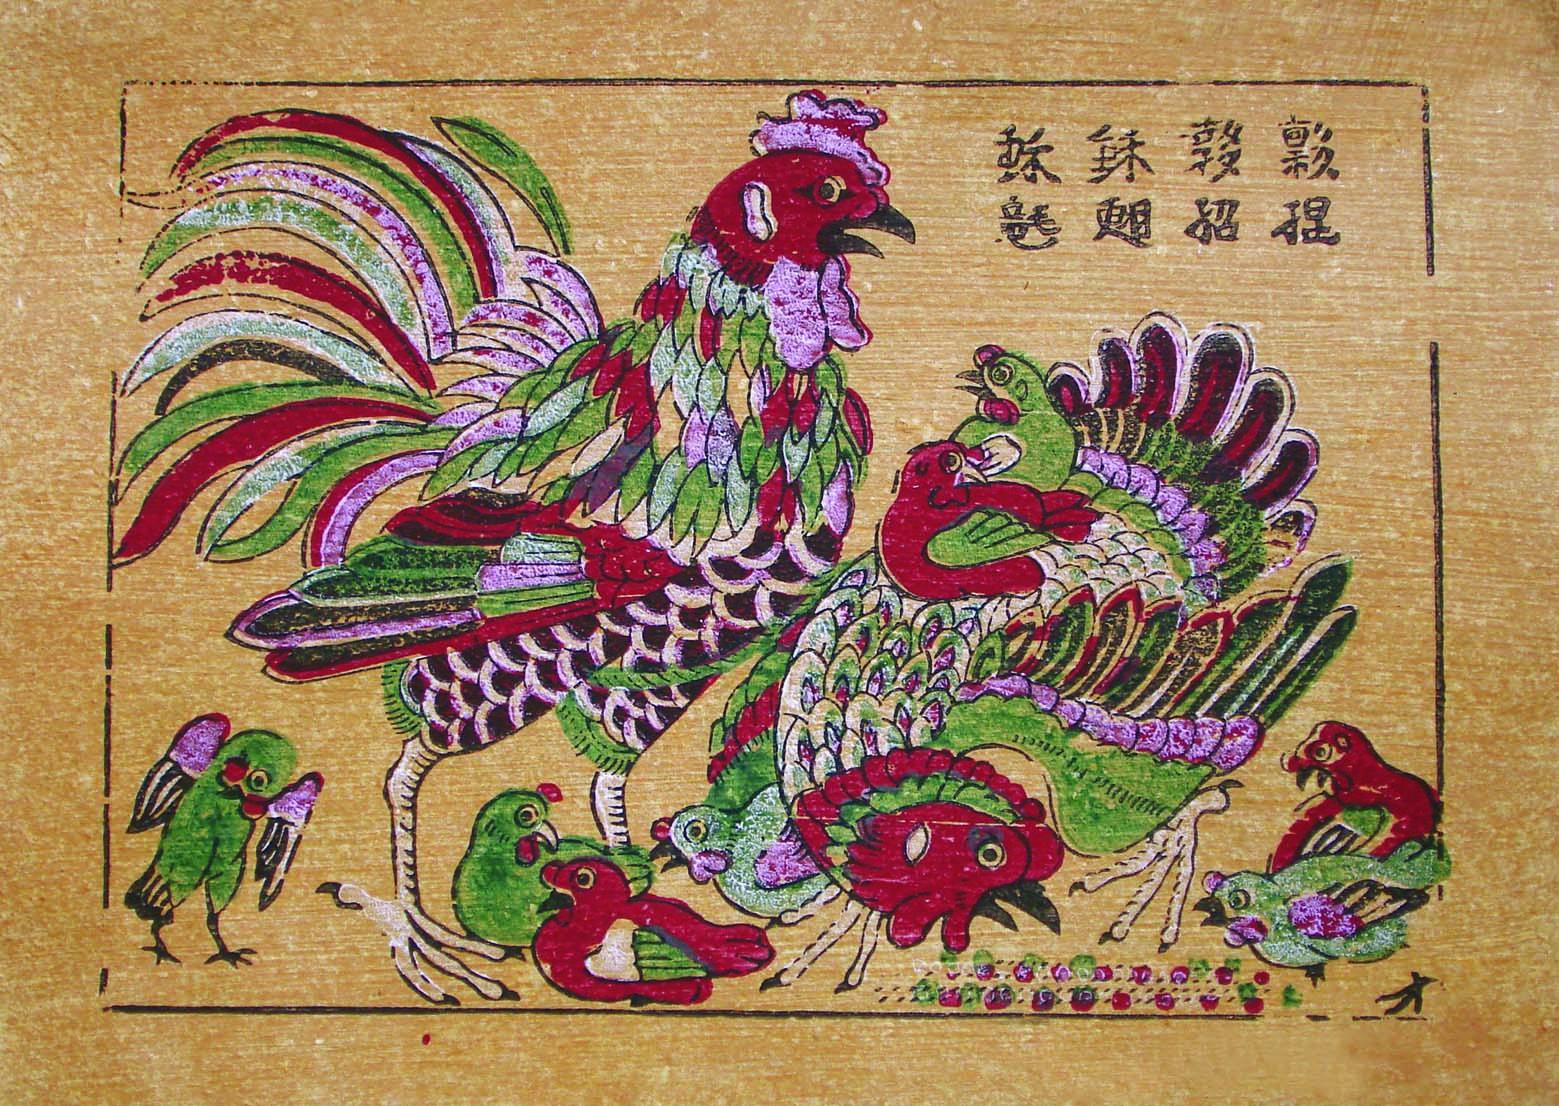 Tranh dân gian Việt Nam: Lịch sử và các dòng tranh nổi tiếng